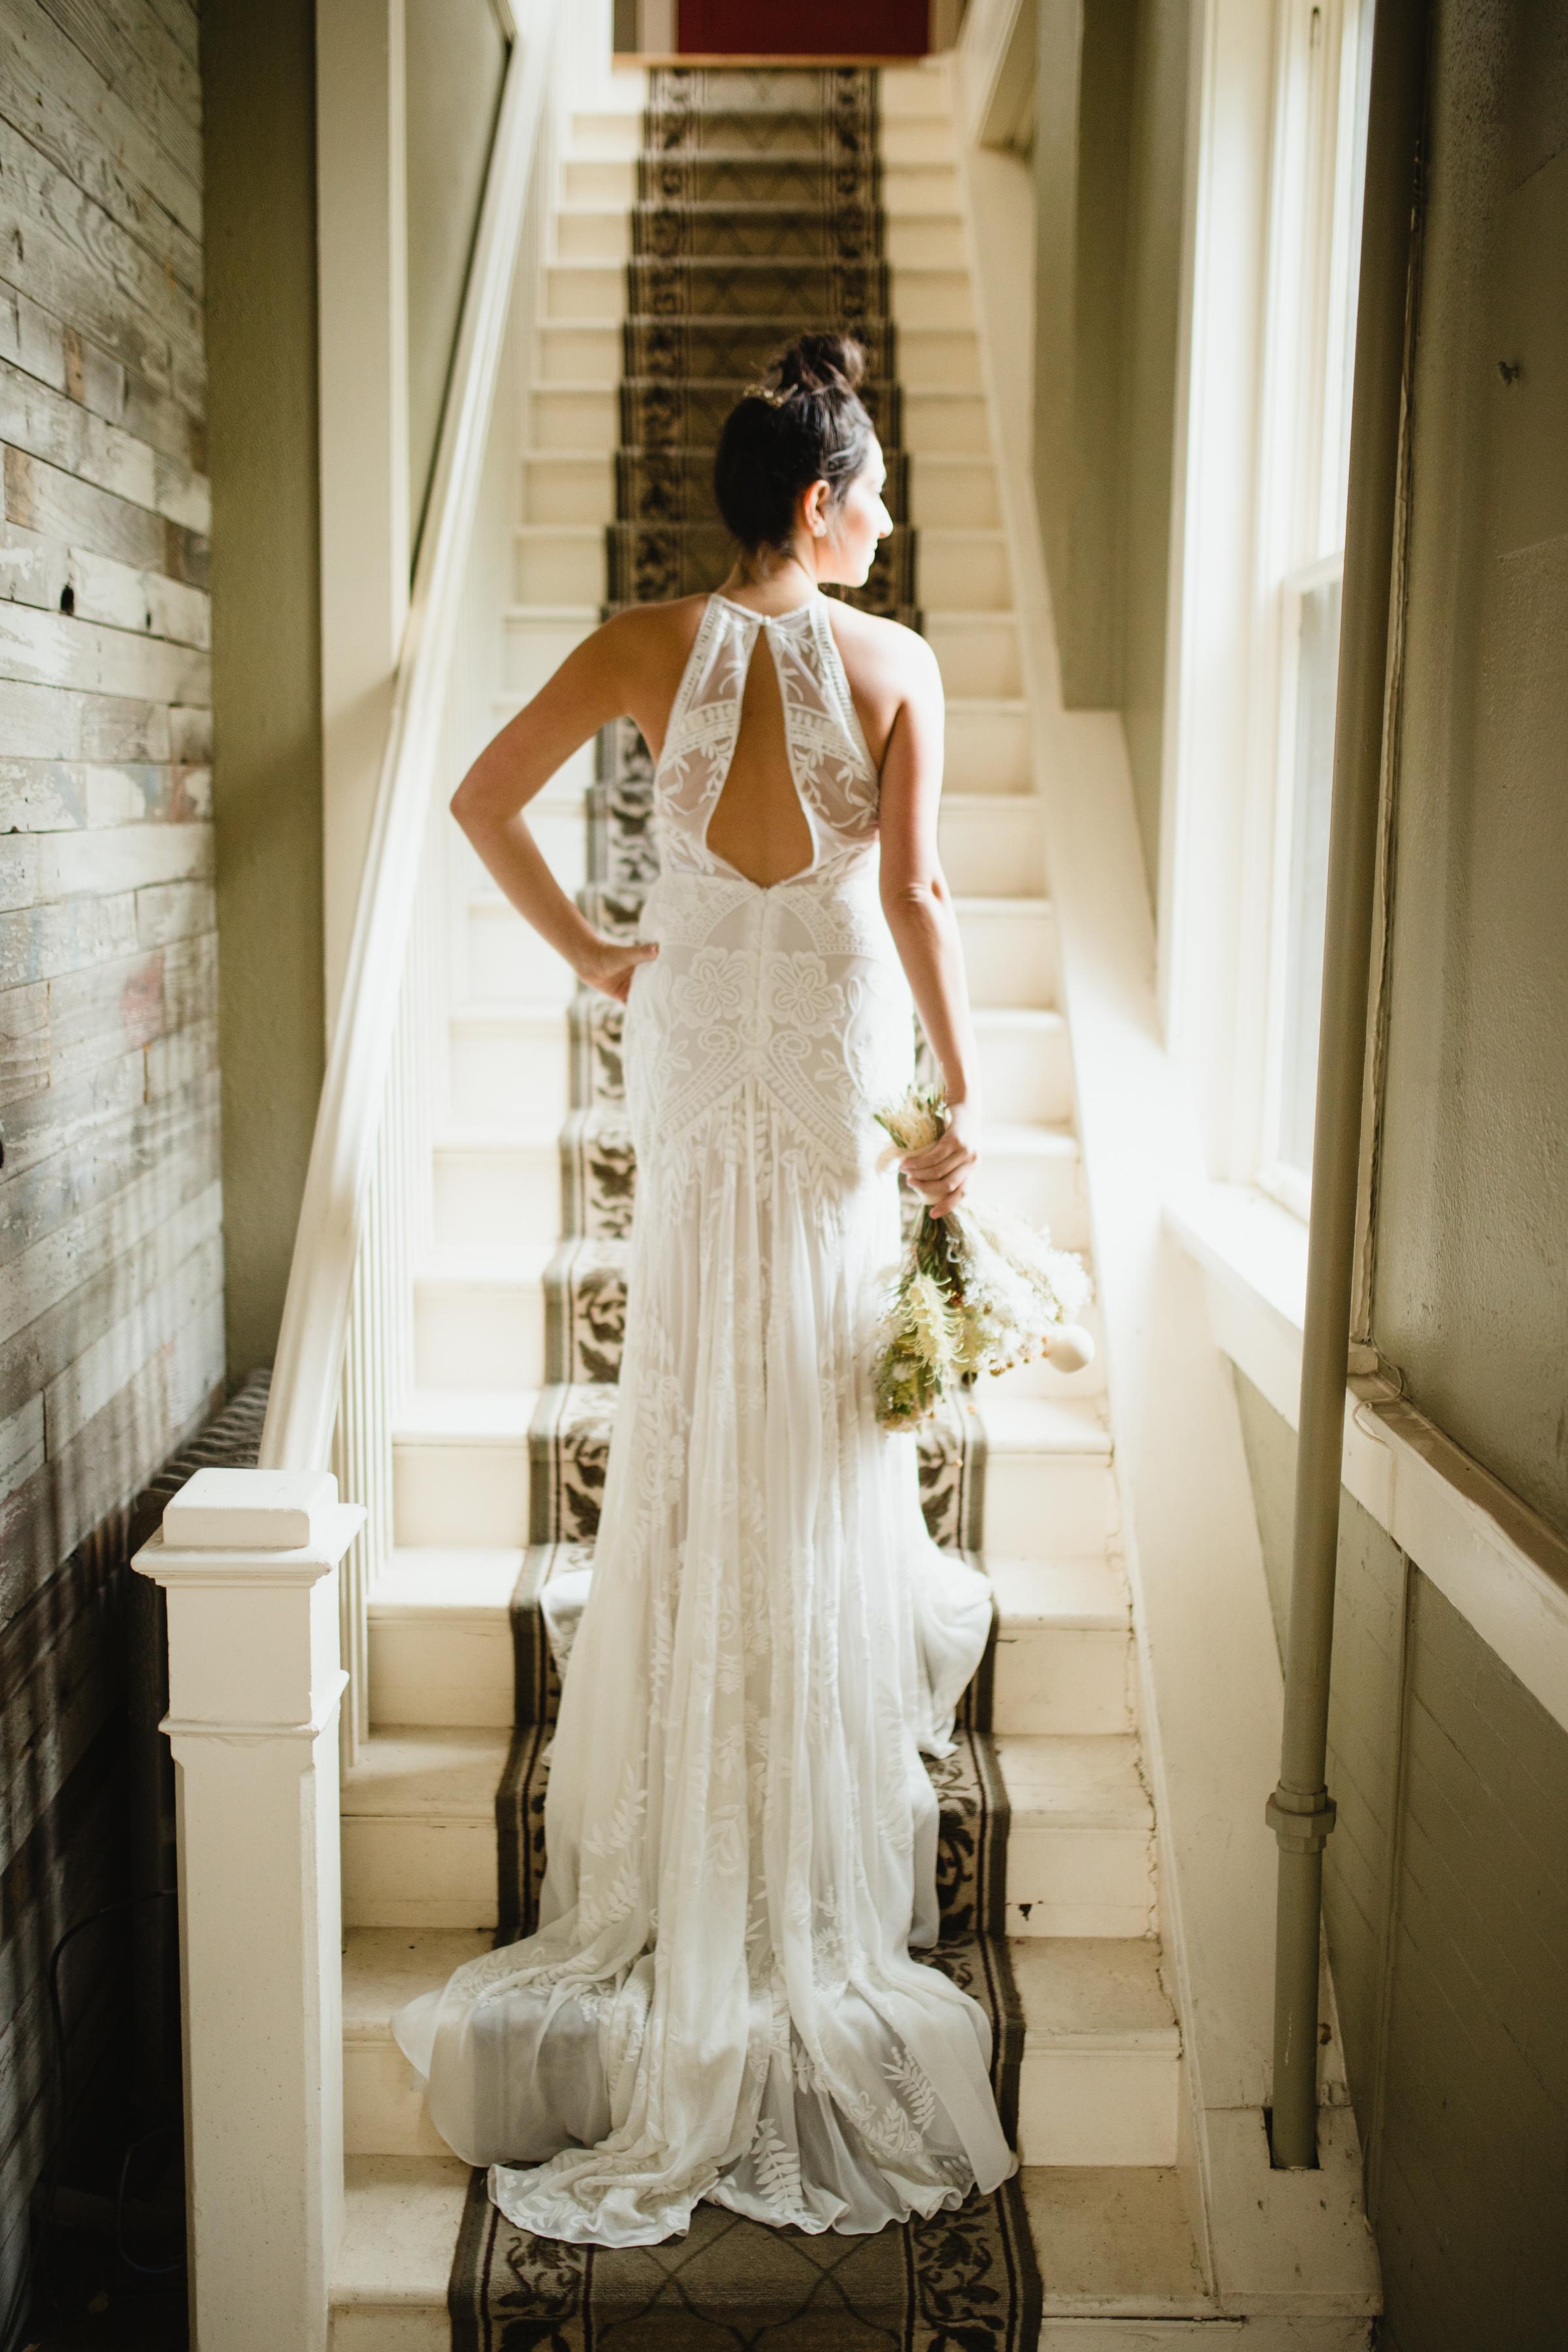 cba943d1beb9 One of our favorite Boho bridal designers  Rue De Seine|a bé bridal ...